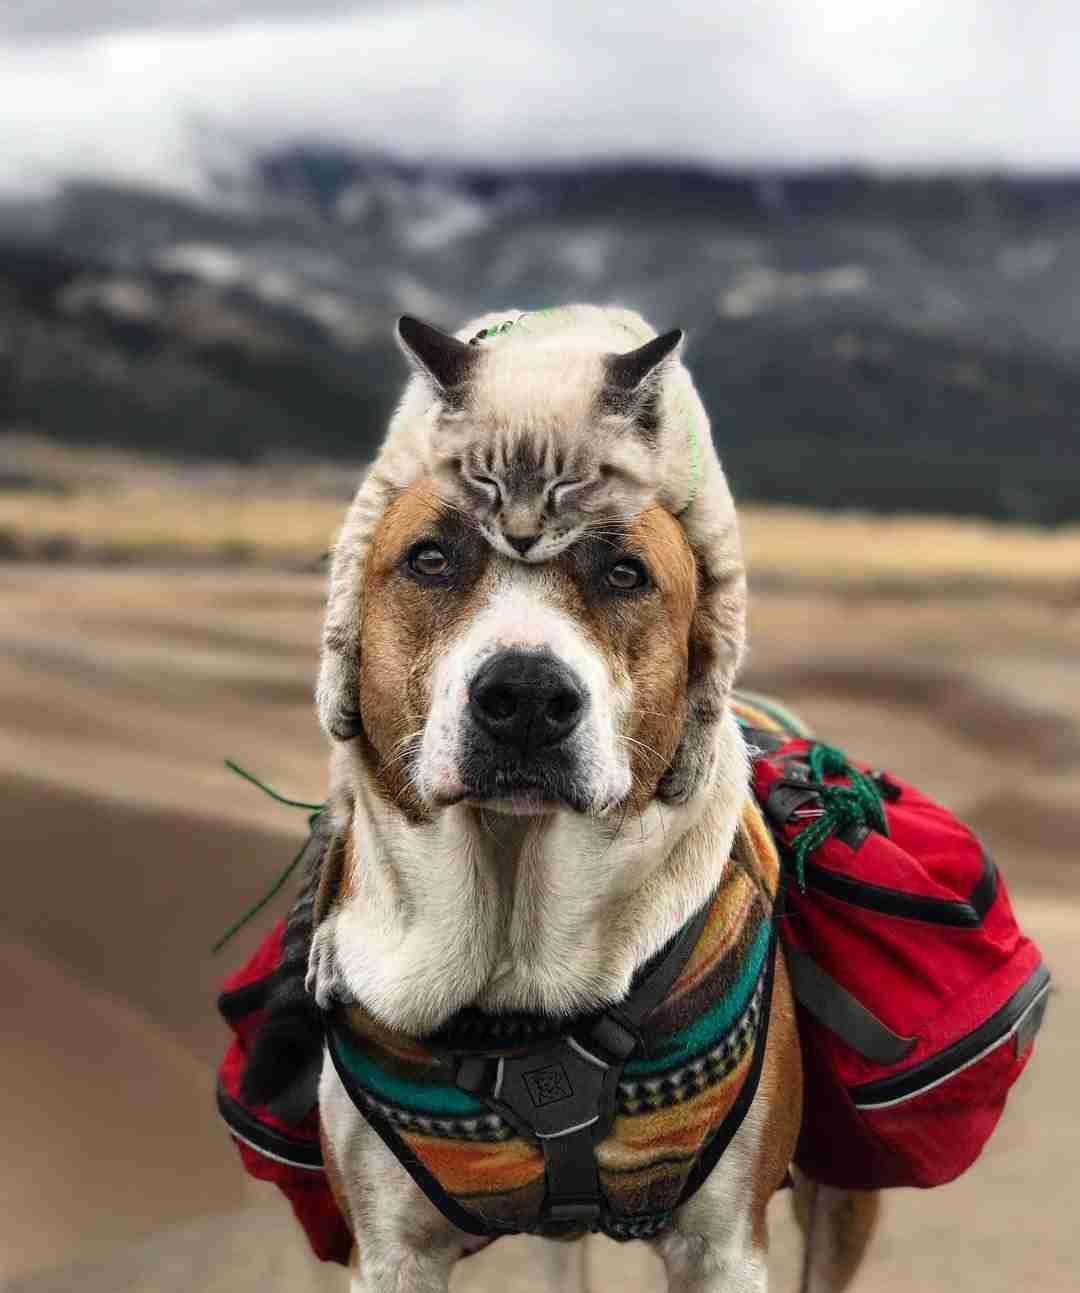 新ジャンル「頭に猫をかぶった犬」…とんでもなくかわいい写真いろいろ